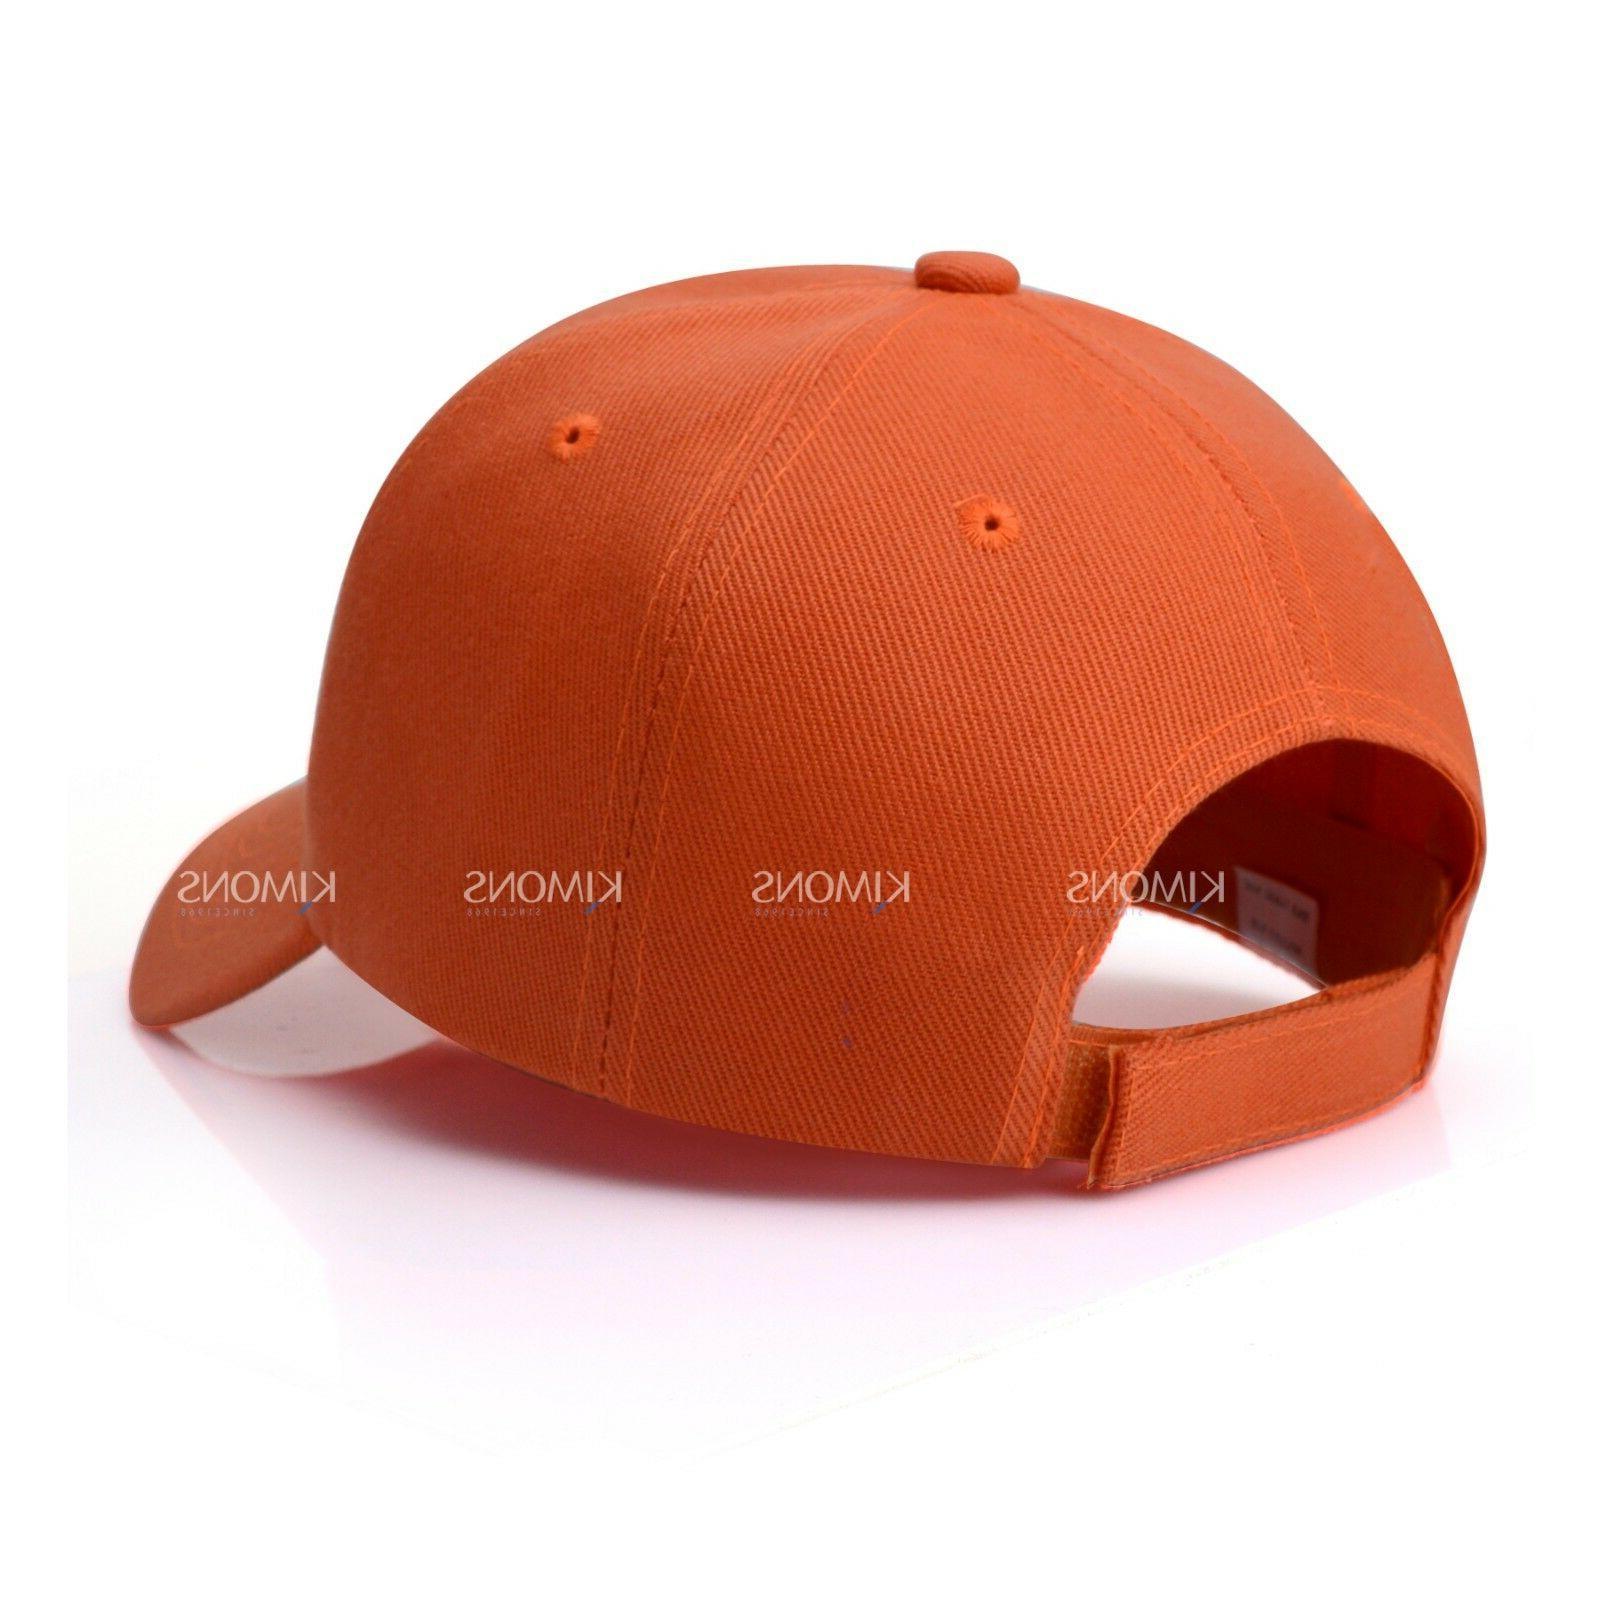 Hook-N-Loop Solid Color Blank Hat Adjustable